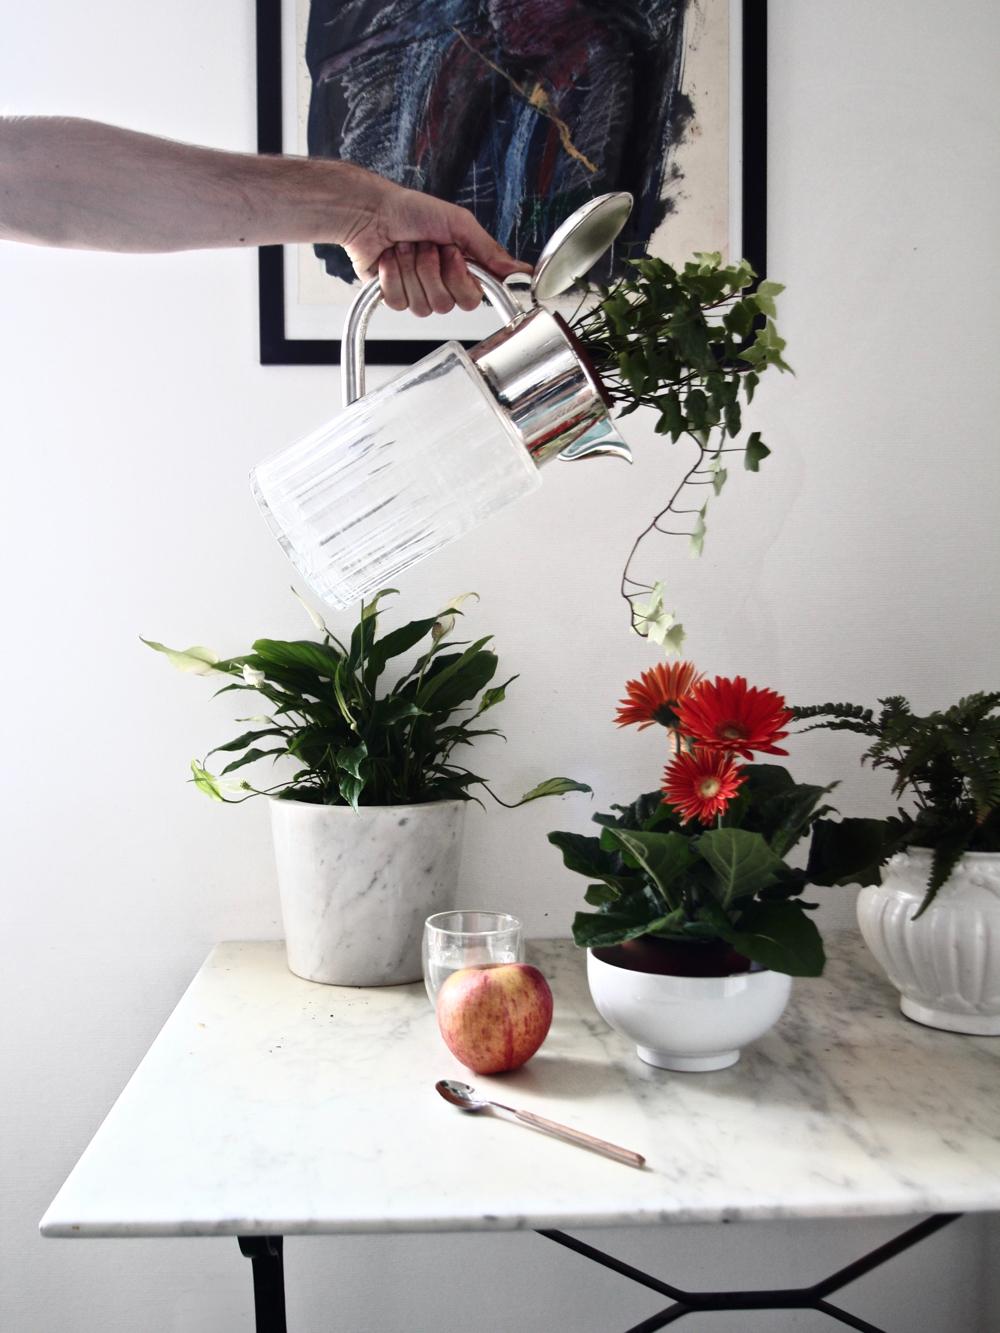 comment purifier une maison avec des plantes stylnoxe blog mode homme lifestyle voyages. Black Bedroom Furniture Sets. Home Design Ideas